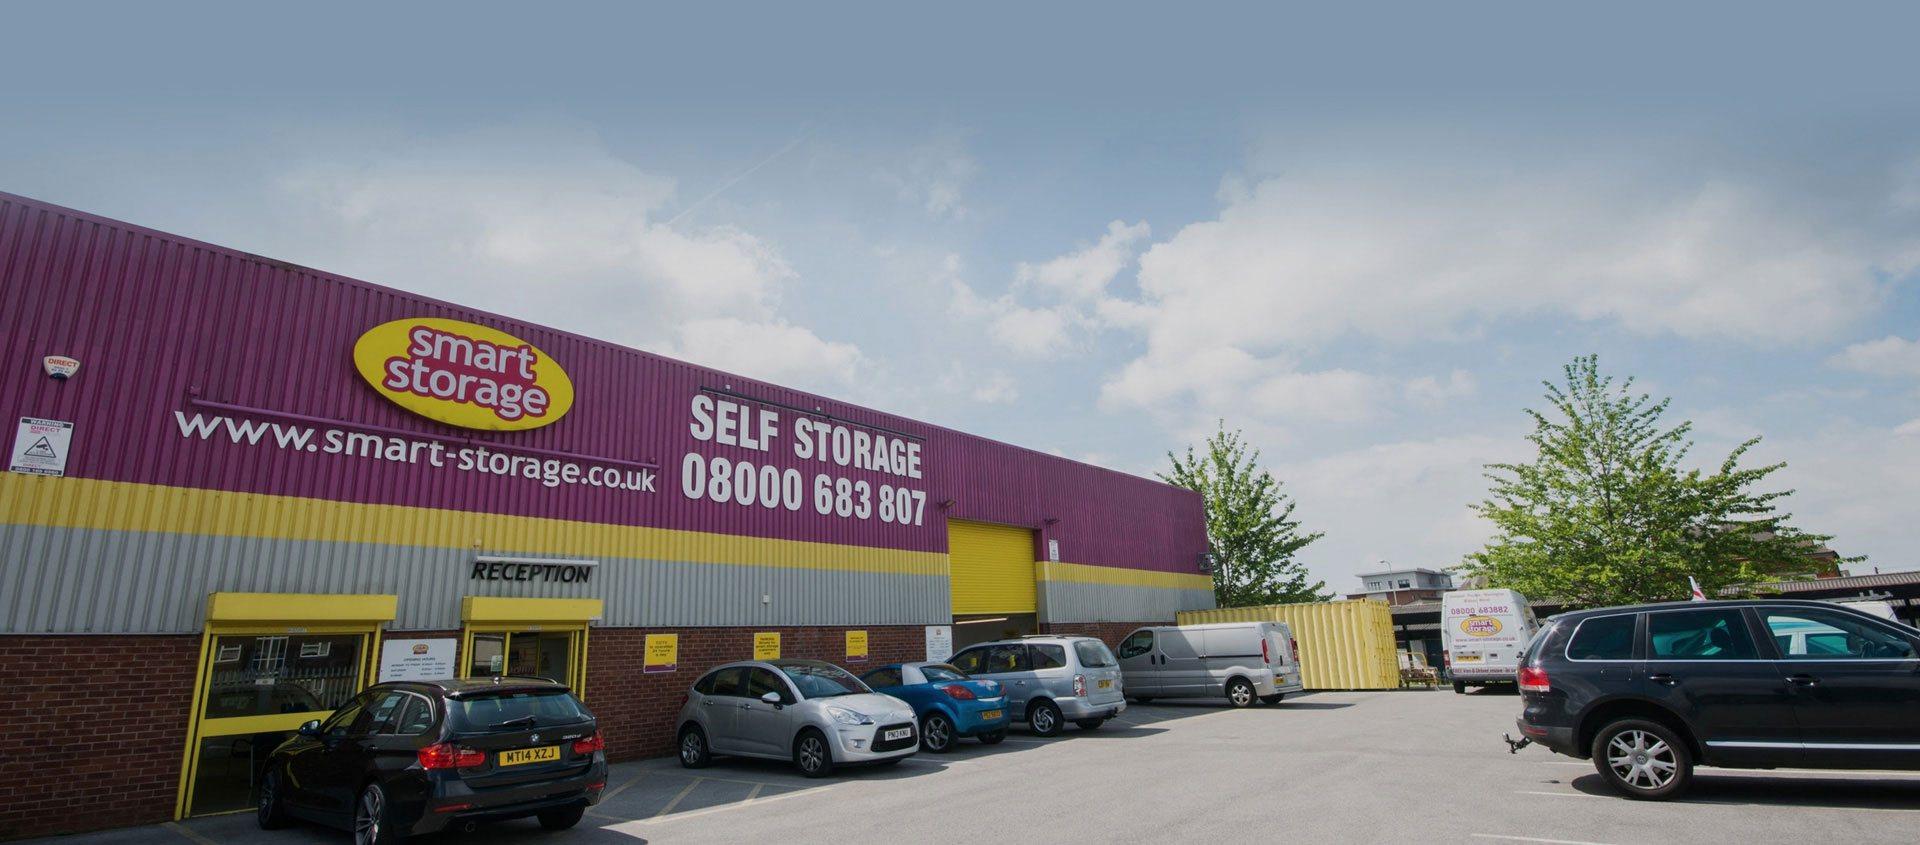 Smart Storage Store Front